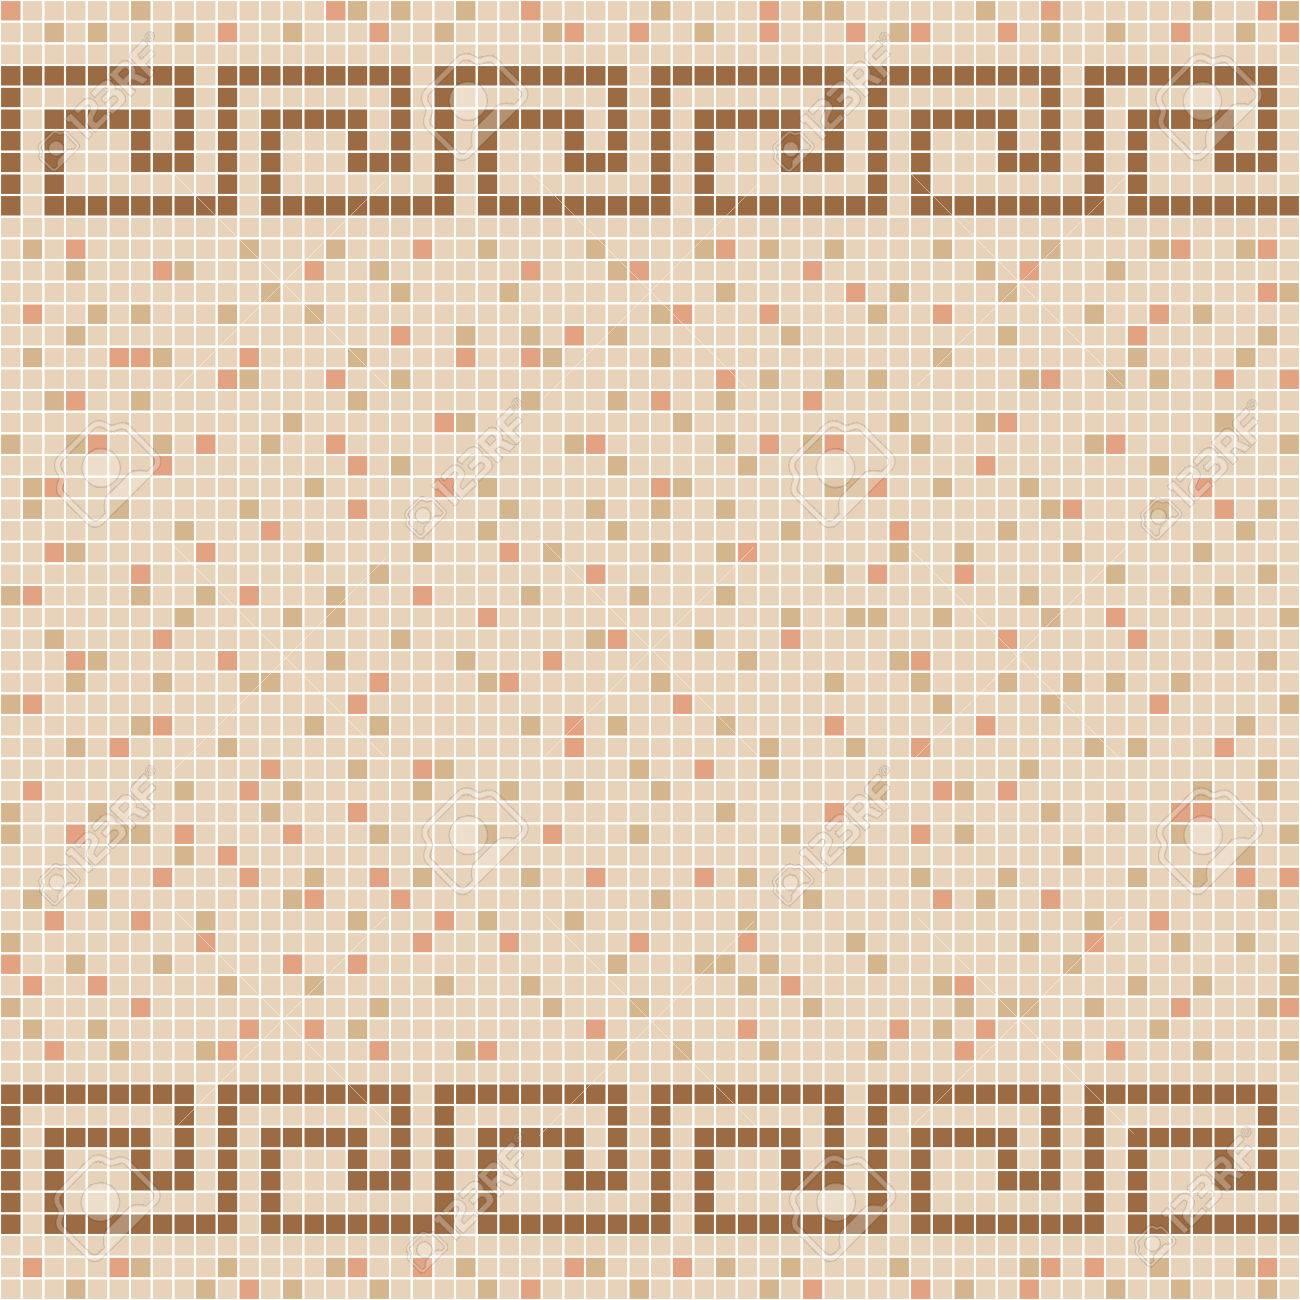 Mosaïque de carreaux de céramique beige. Modèle sans couture de vecteur.  Frontière grecque antique. Conception pour la couverture, textile, piscine,  ...